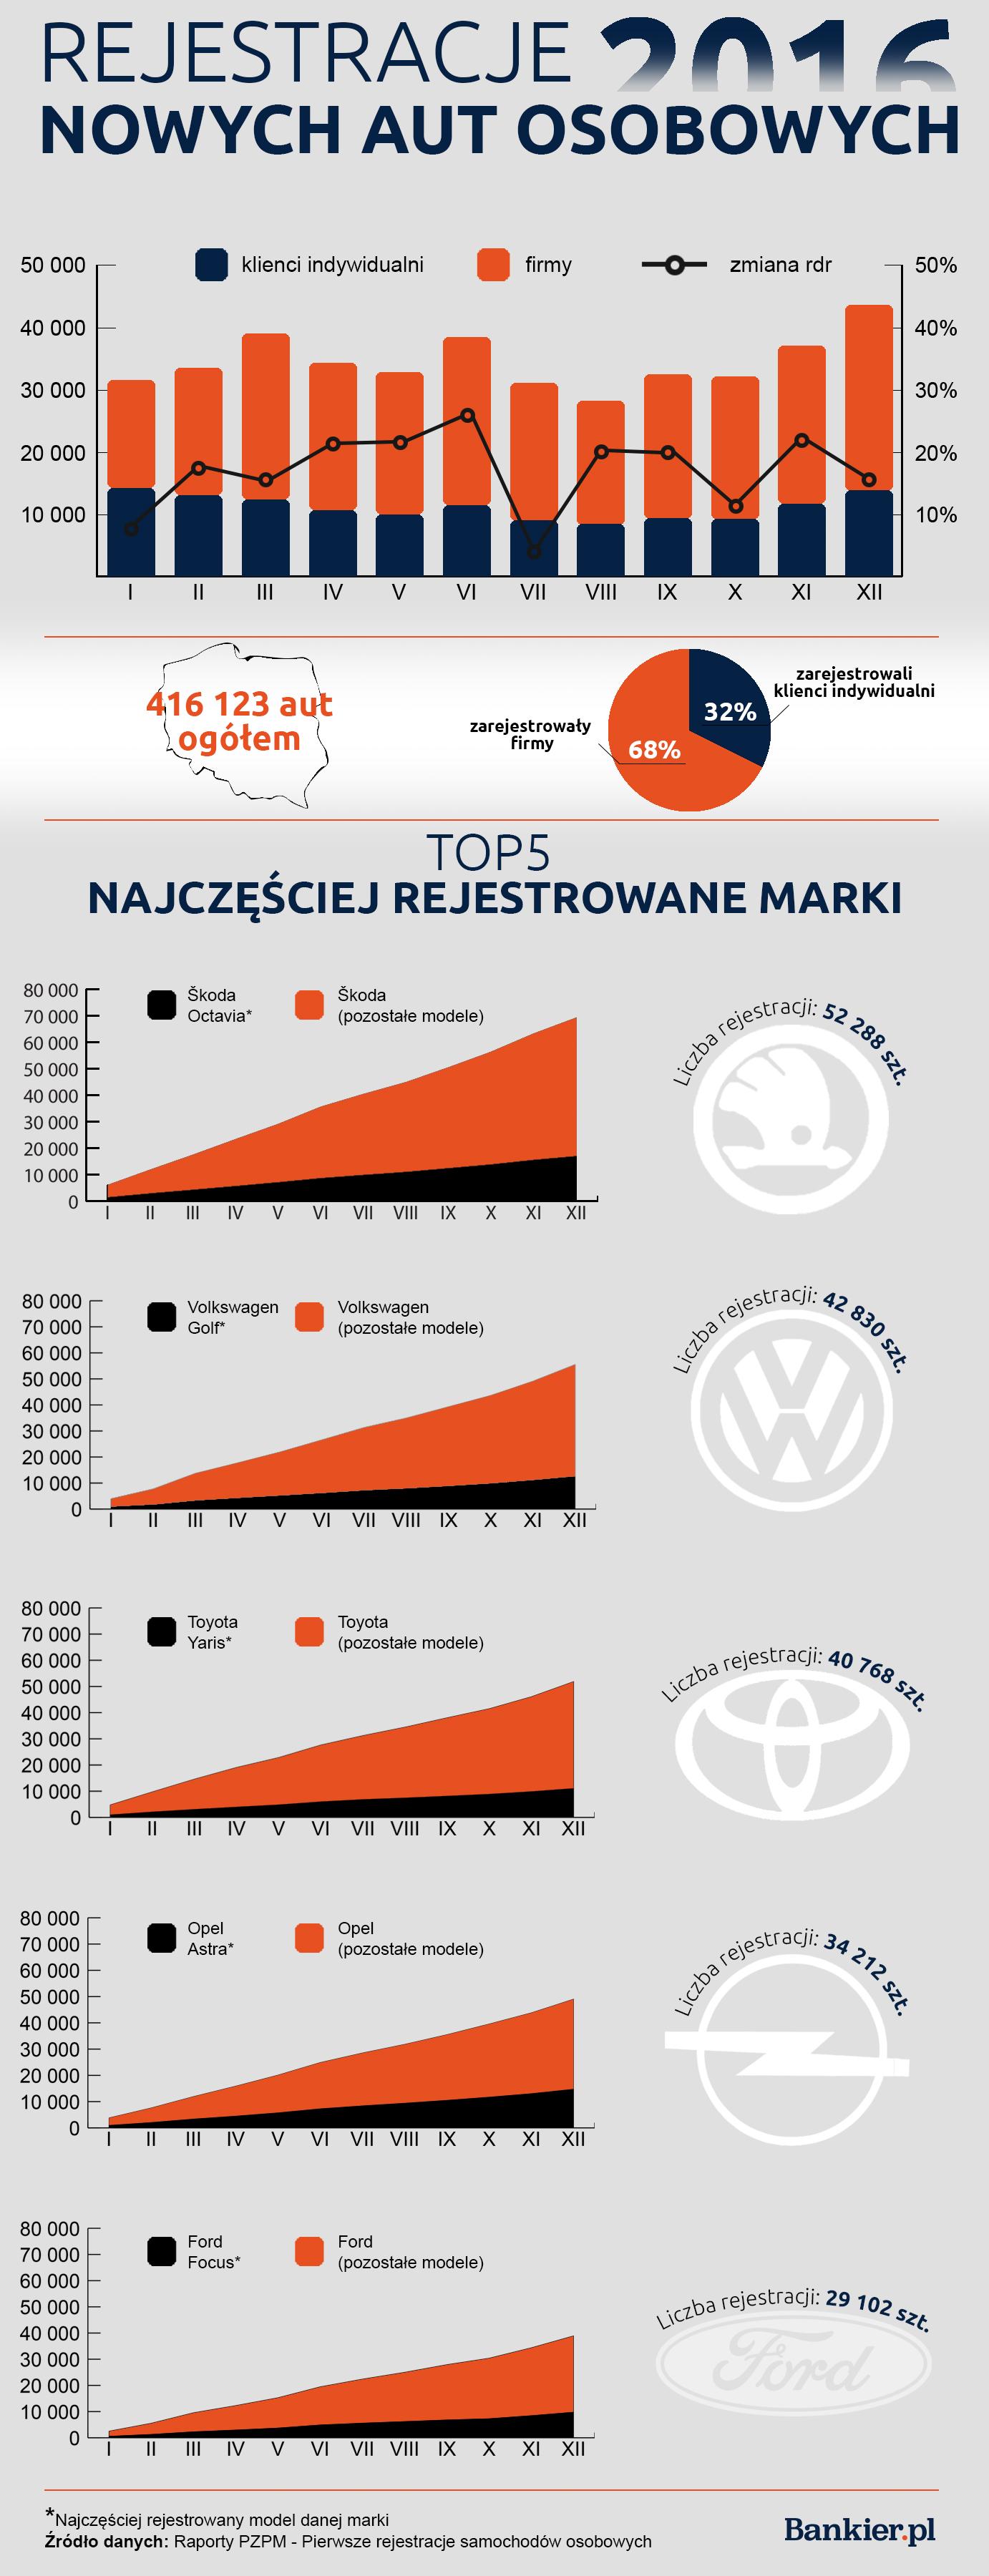 rejestracje samochodów w Polsce - najpopularniejsze marki samochodów w Polsce